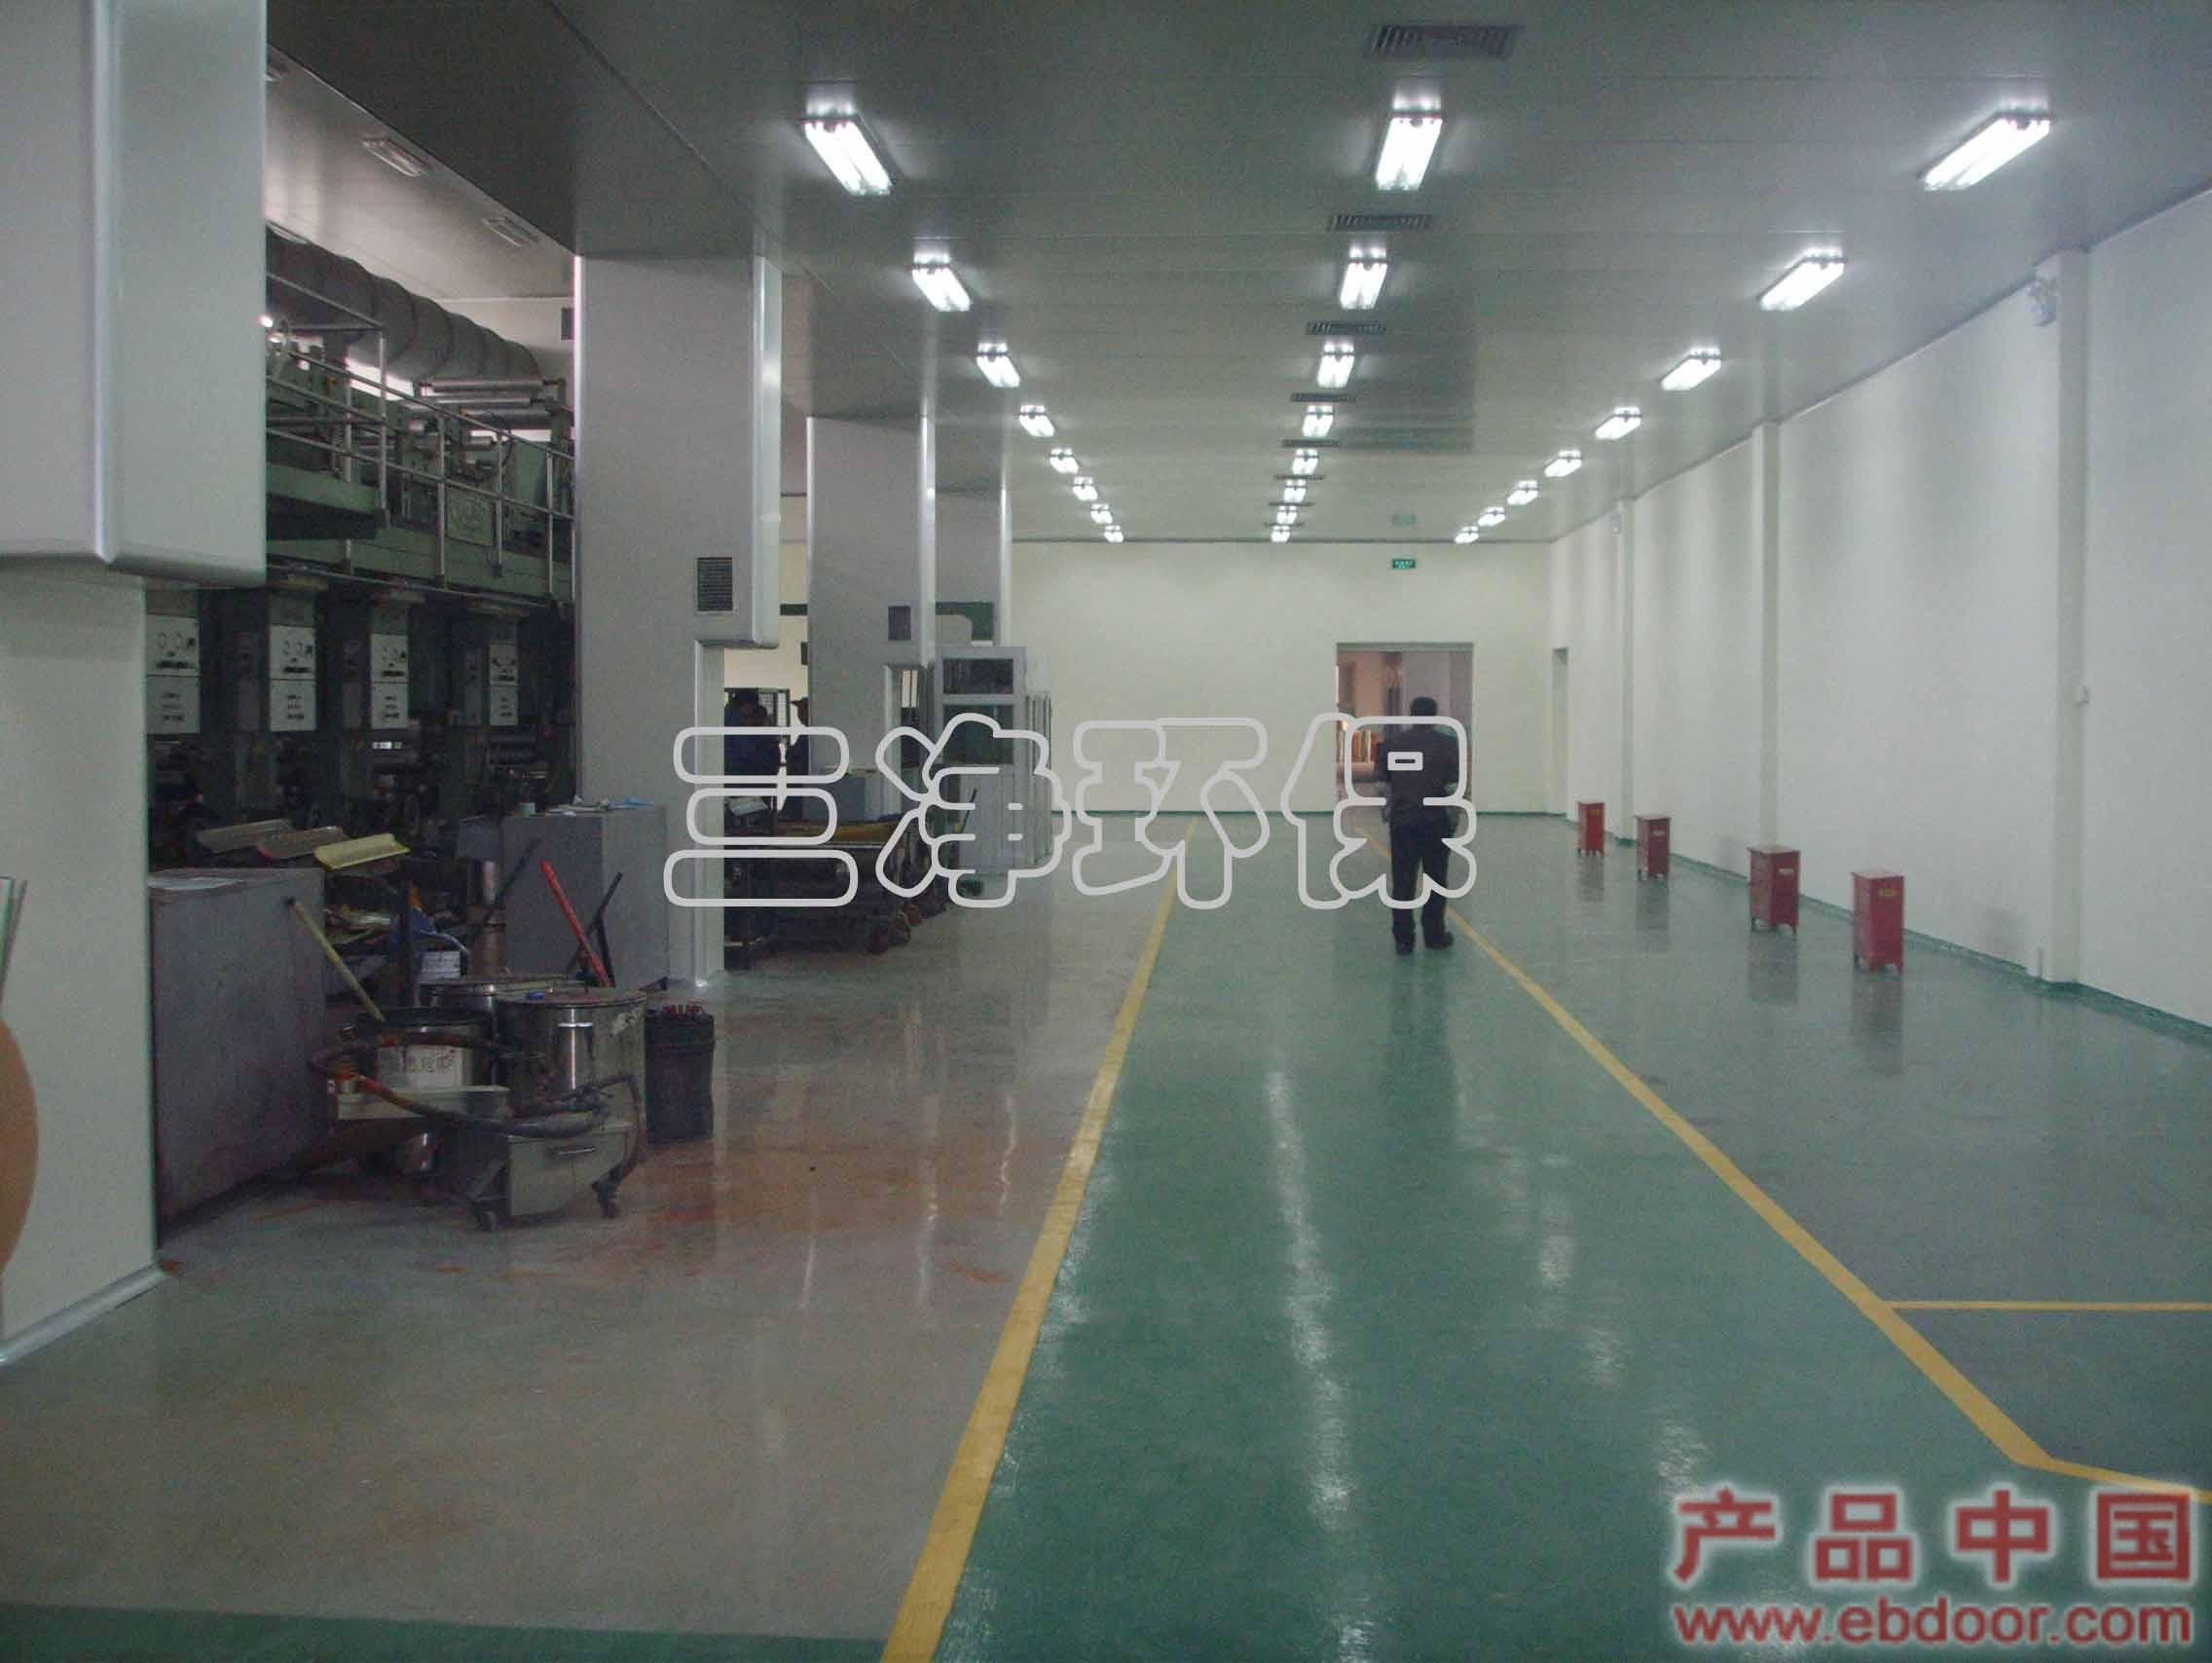 给上海三净环保工程有限公司 的洁净凹印车间 留言